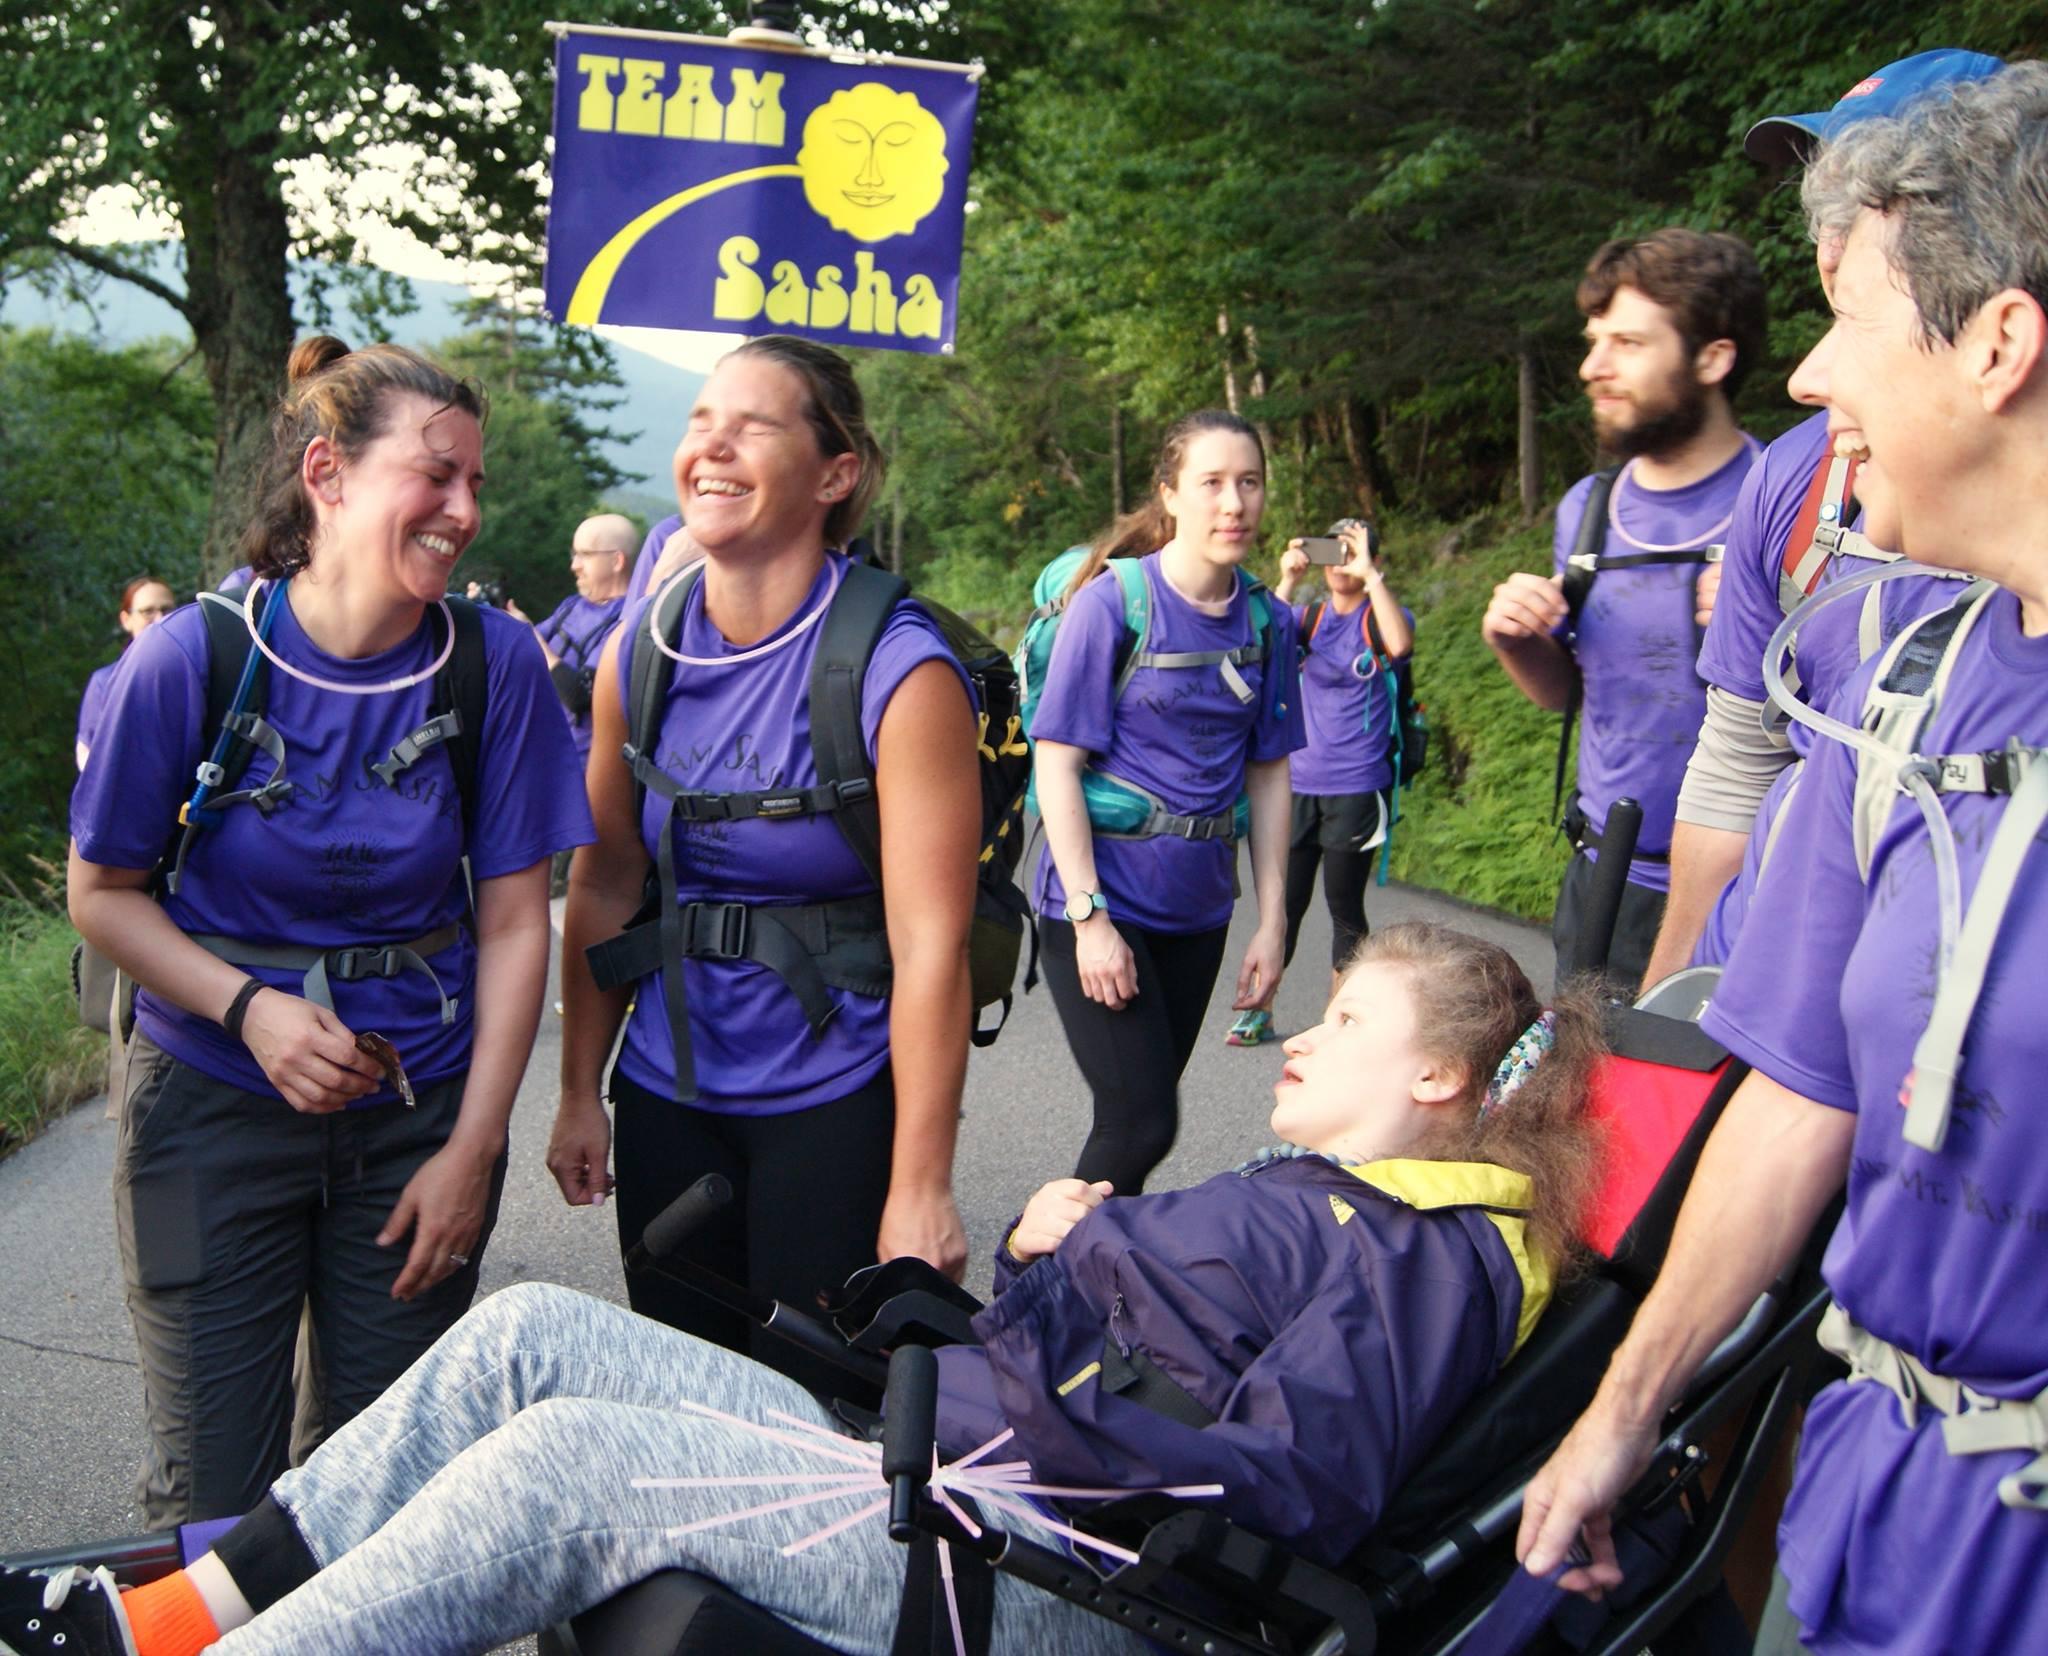 Team Sasha 04